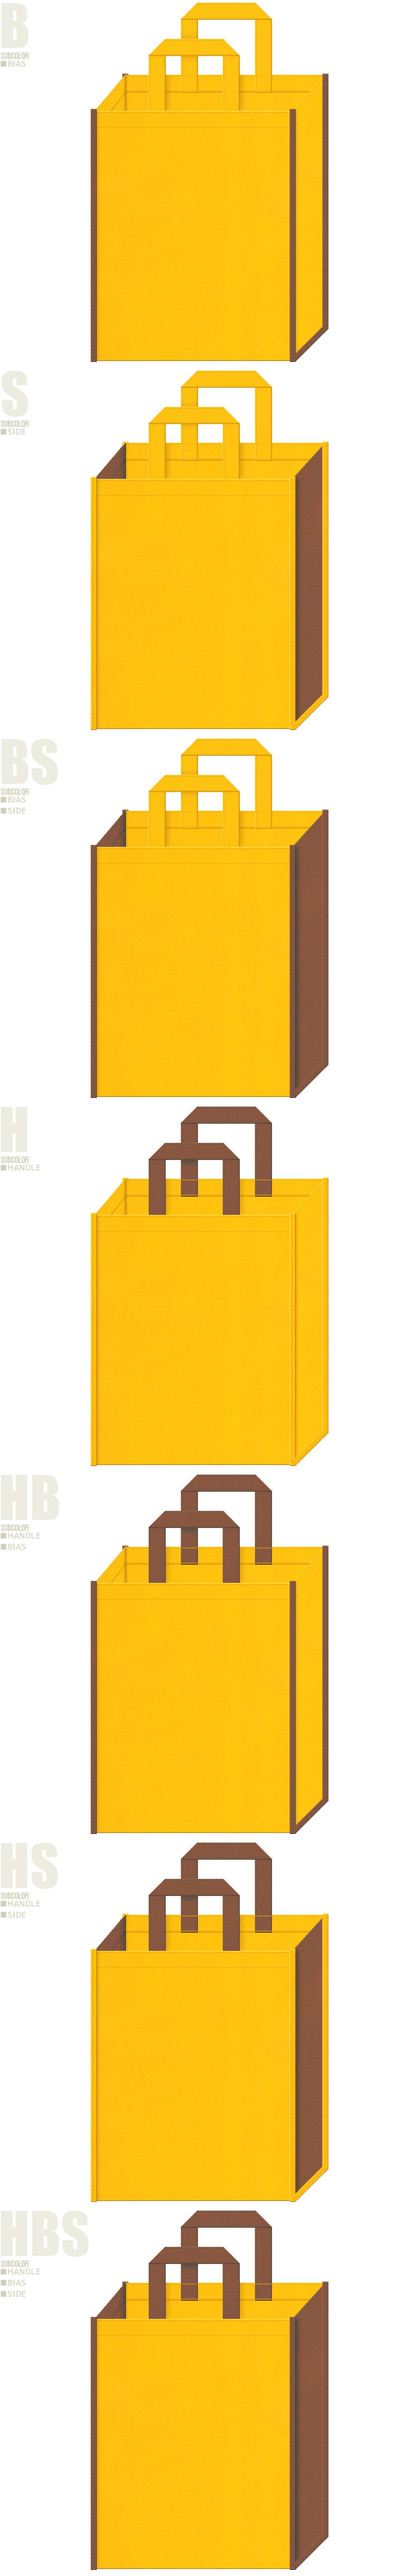 黄色と茶色、7パターンの不織布トートバッグ配色デザイン例。スイーツの保冷バッグノベルティにお奨めです。ロールケーキ・カステラ・スイートポテト風。